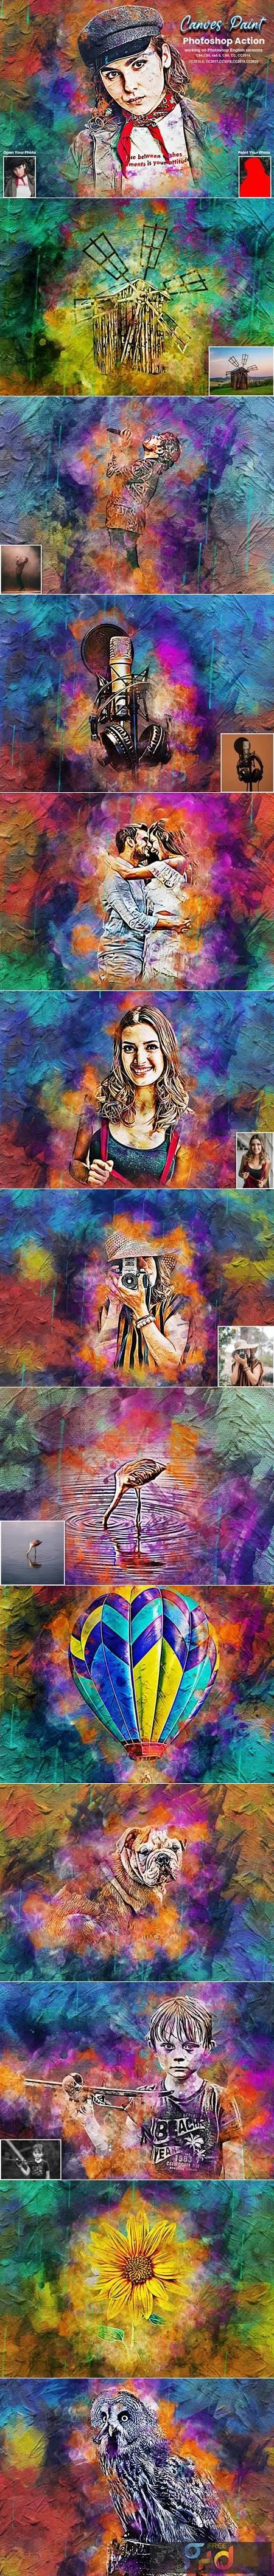 Canvas Paint Photoshop Action 5634725 1